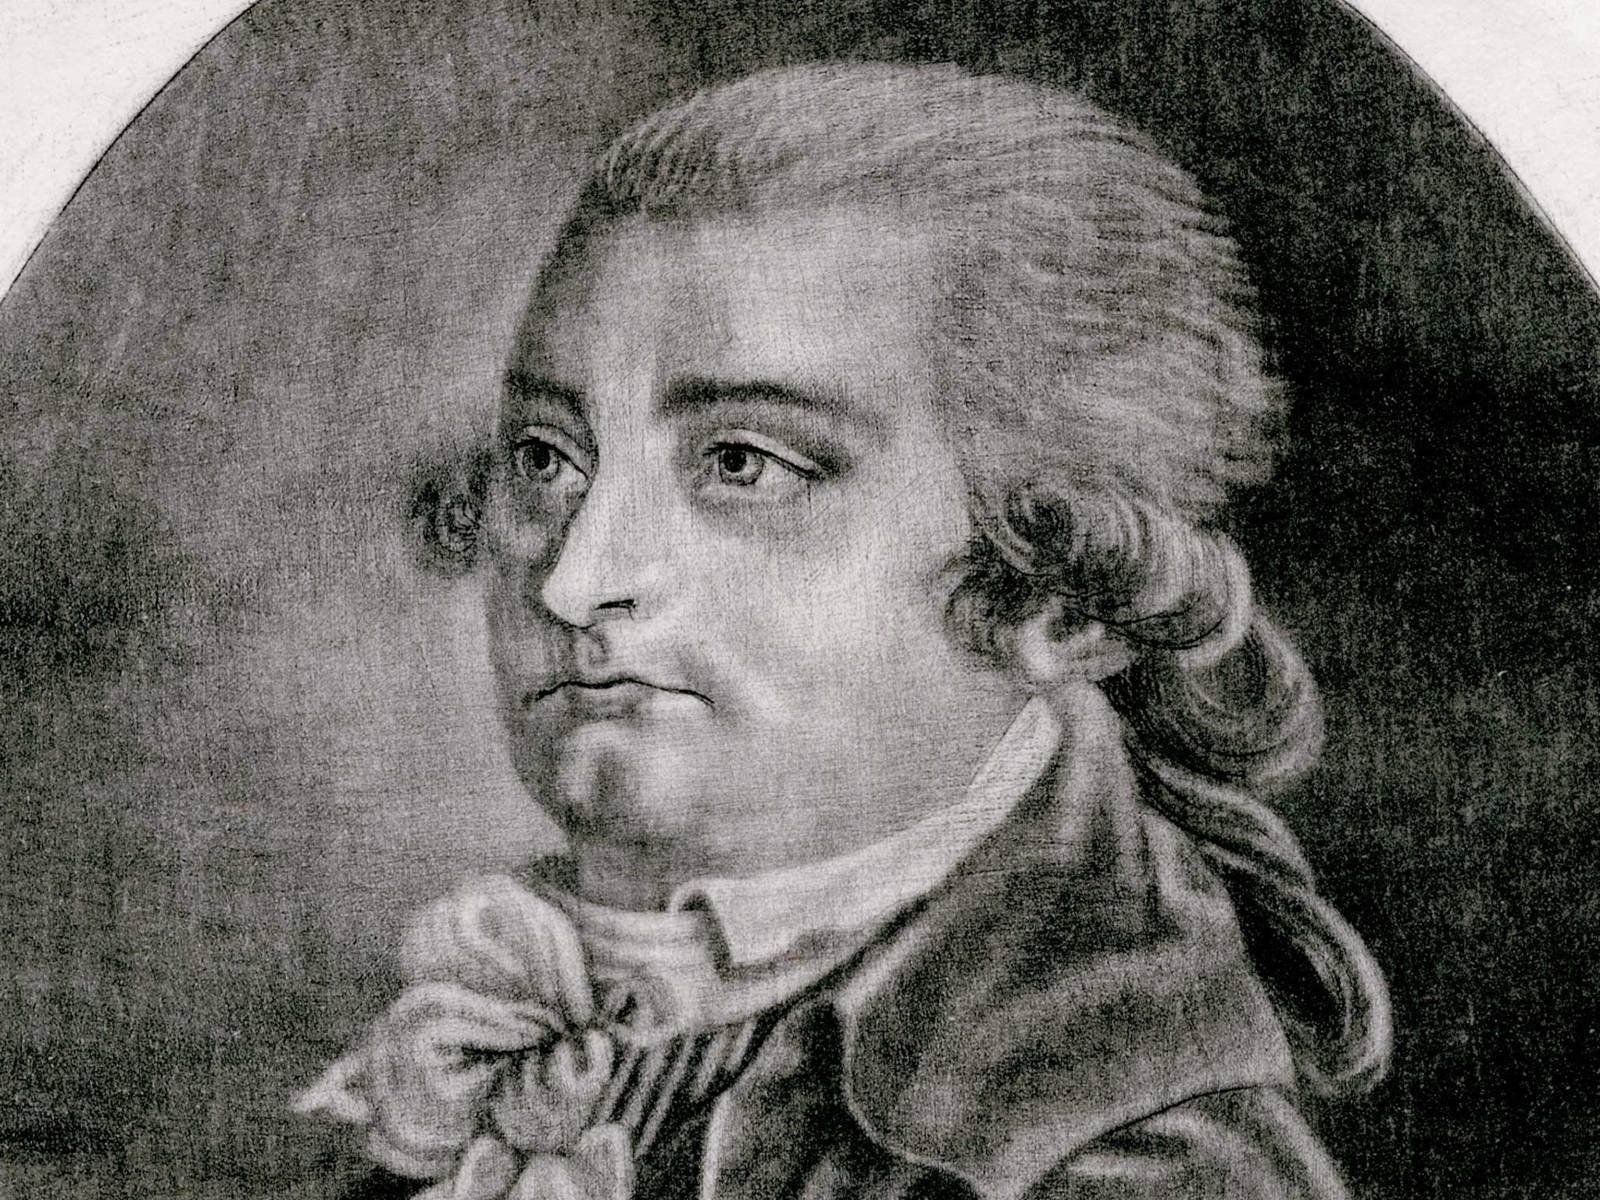 Porträt von August Wilhelm Iffland mit Perücke und gebundenem Halstuch